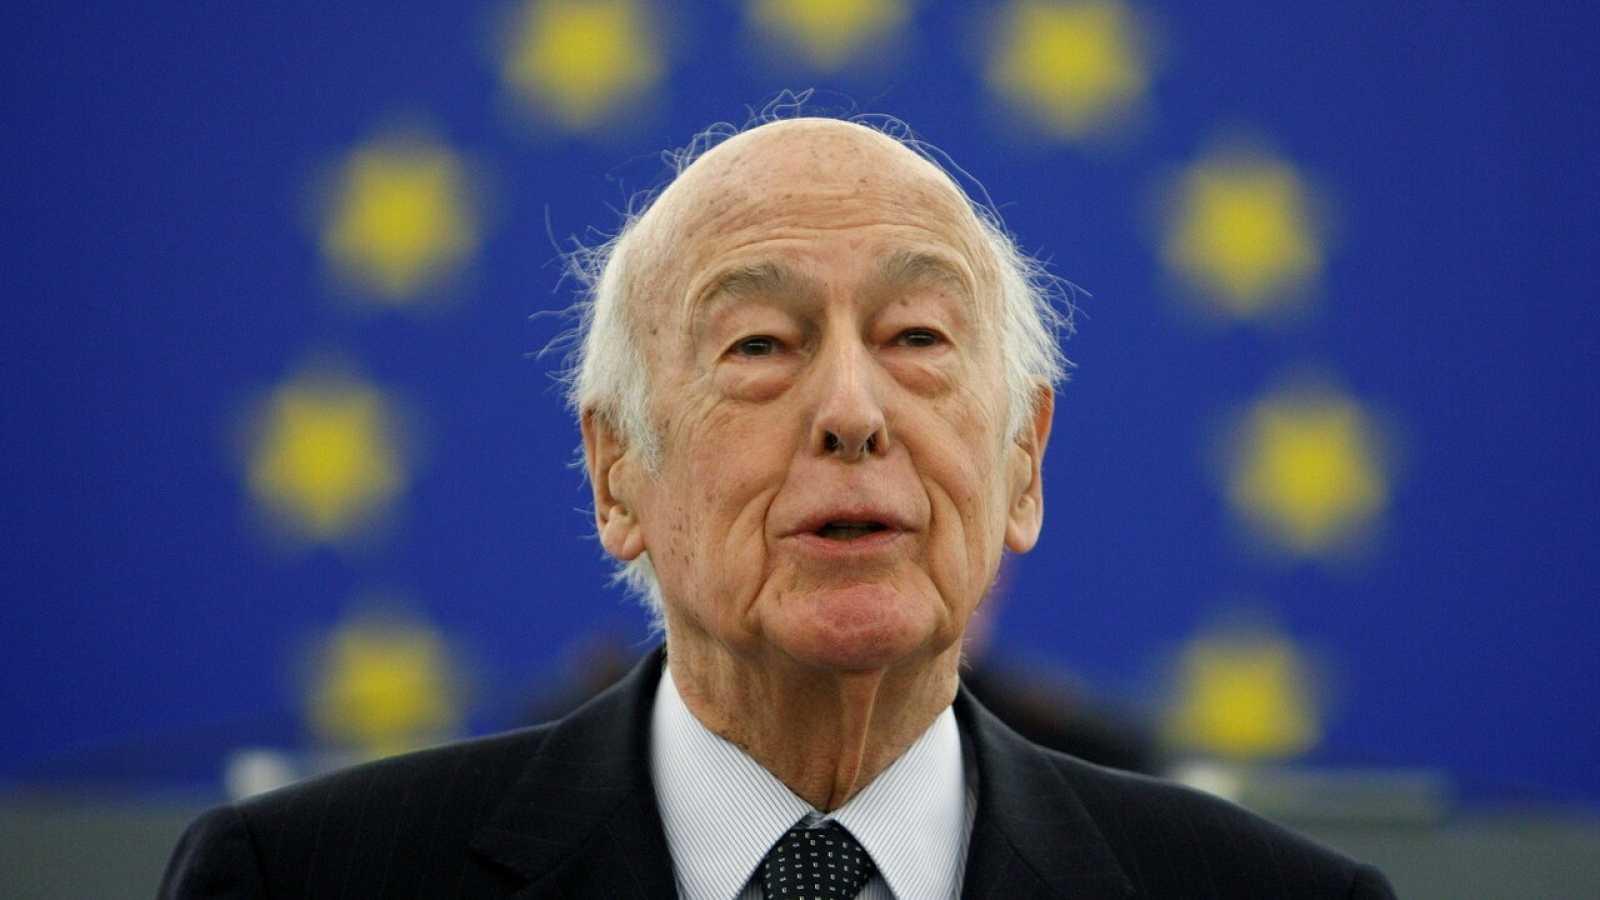 El expresidente francés Valery Giscard d'Estaing durante una intervención en el Parlamento Europeo